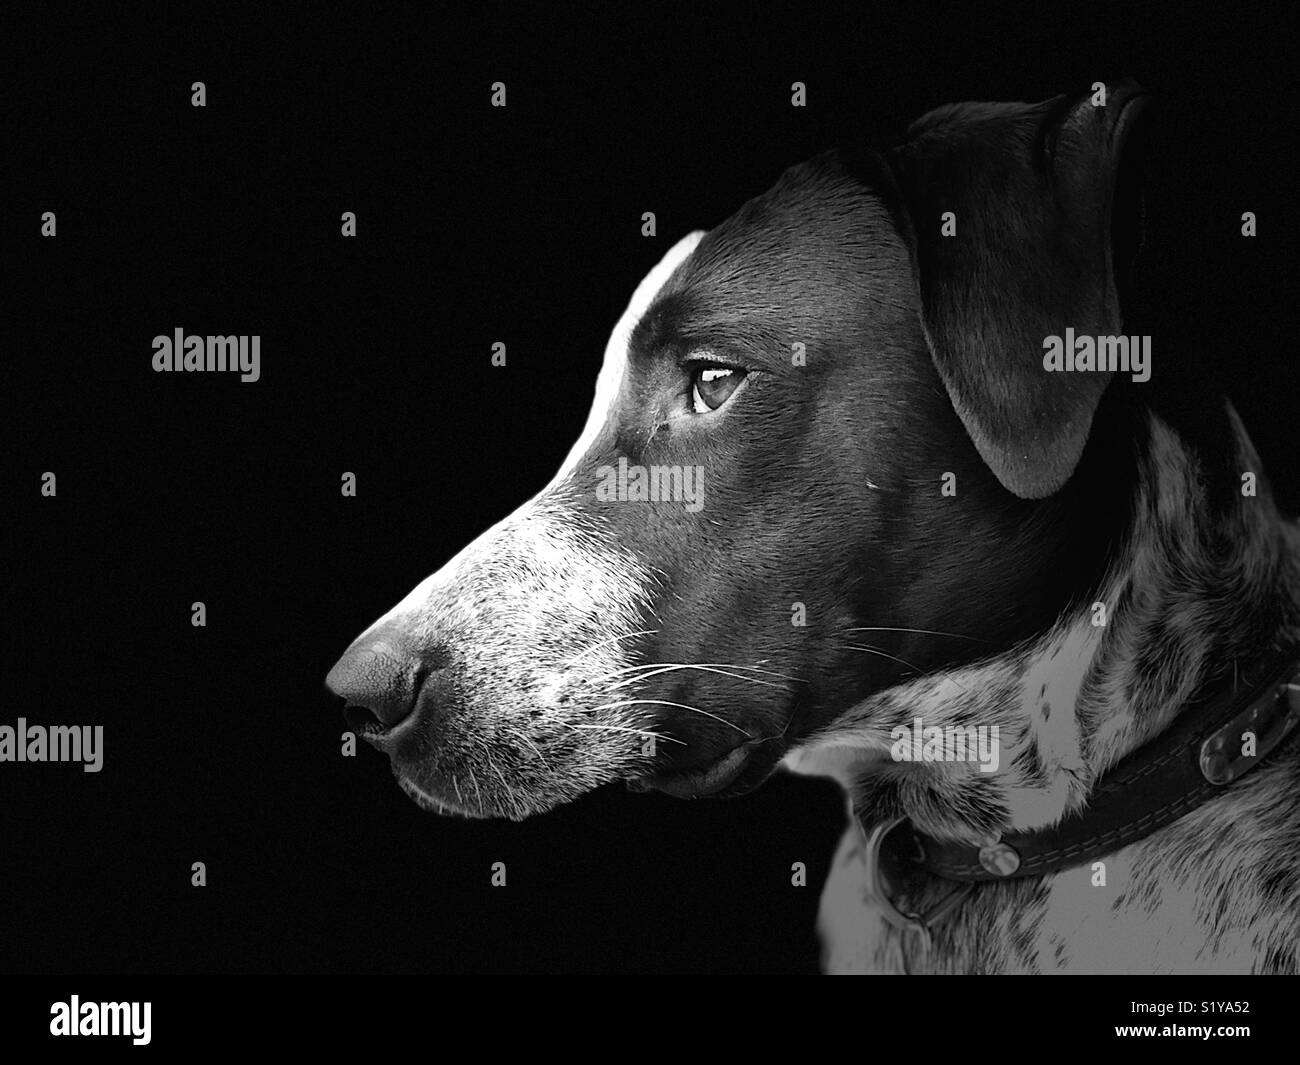 Noir et blanc photo de chien Photo Stock